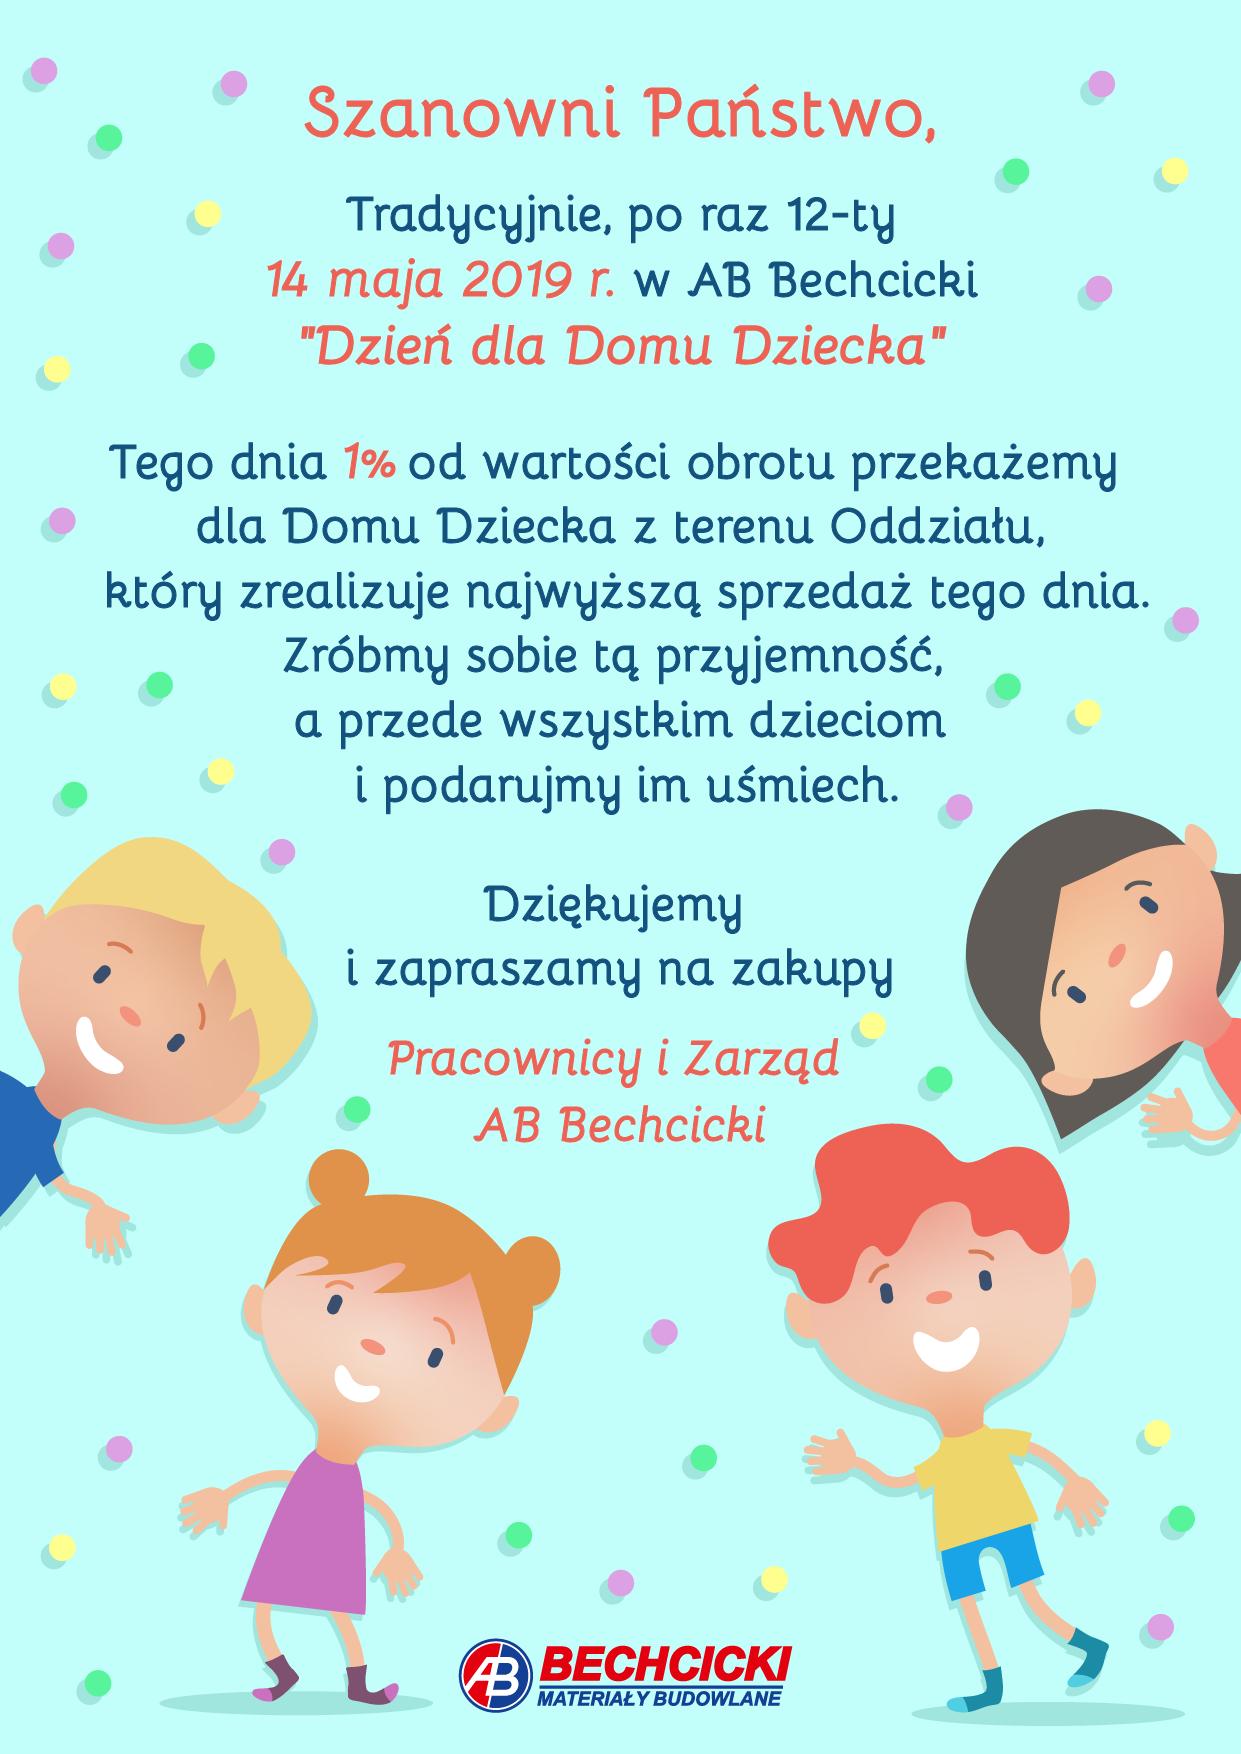 Dzień dla Domu Dziecka: XII edycja